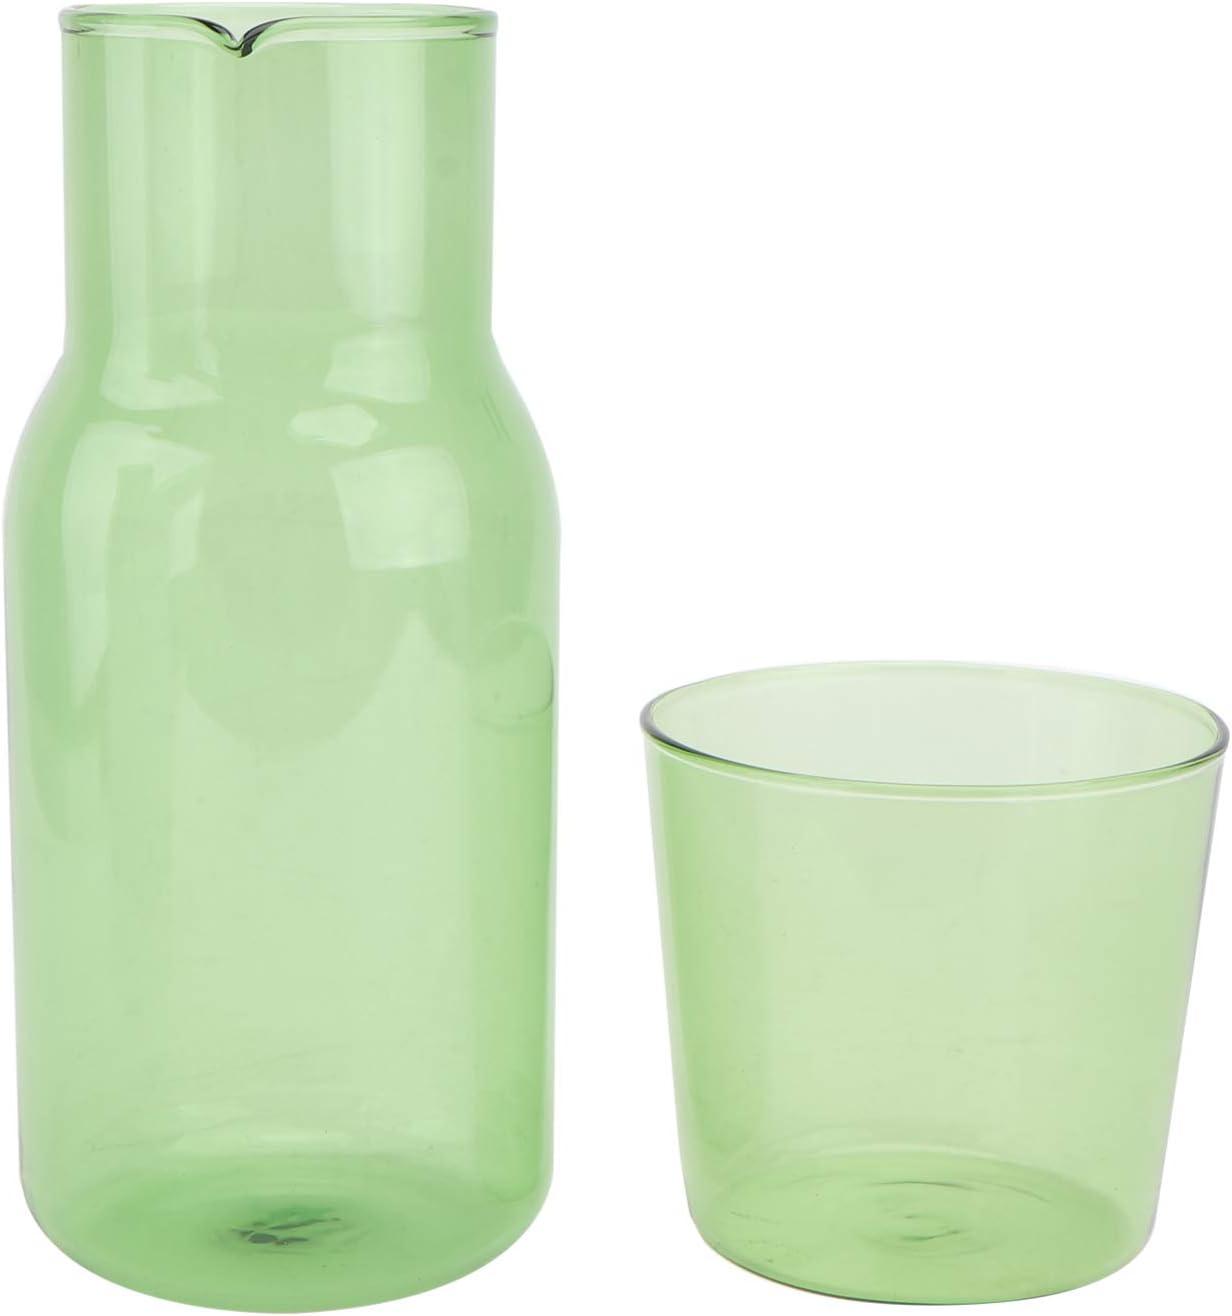 YARNOW 1 Juego de Vidrio para Jarra de Agua de Cabecera Juego de Jarra de Noche con Vaso de Vidrio Verde